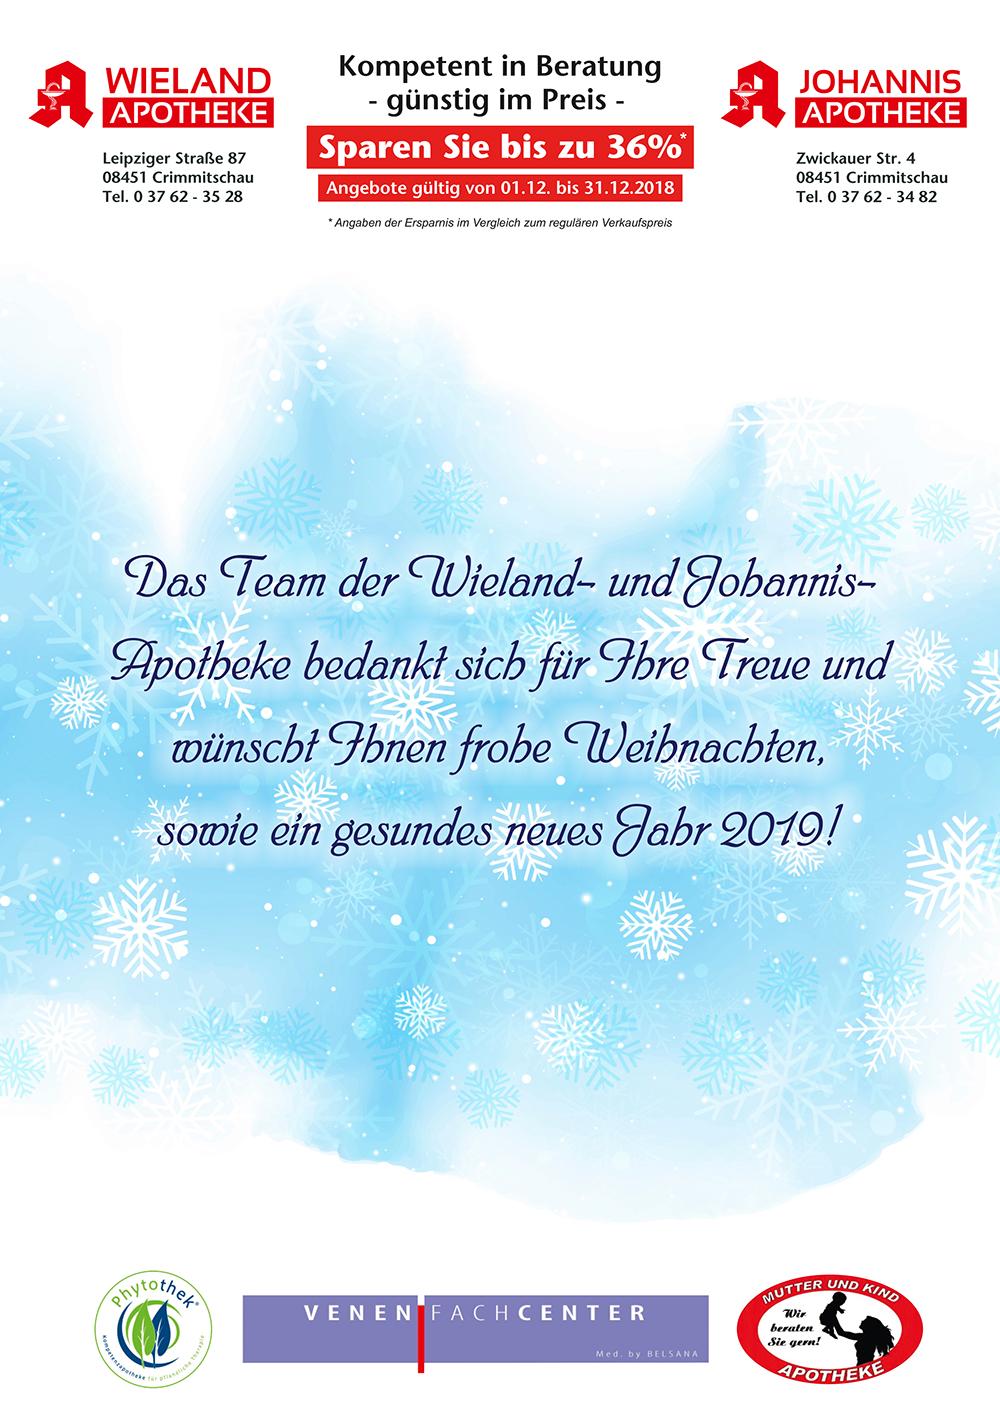 http://www.apotheken.de/fileadmin/clubarea/00000-Angebote/08451_wieland_angebot_2.jpg